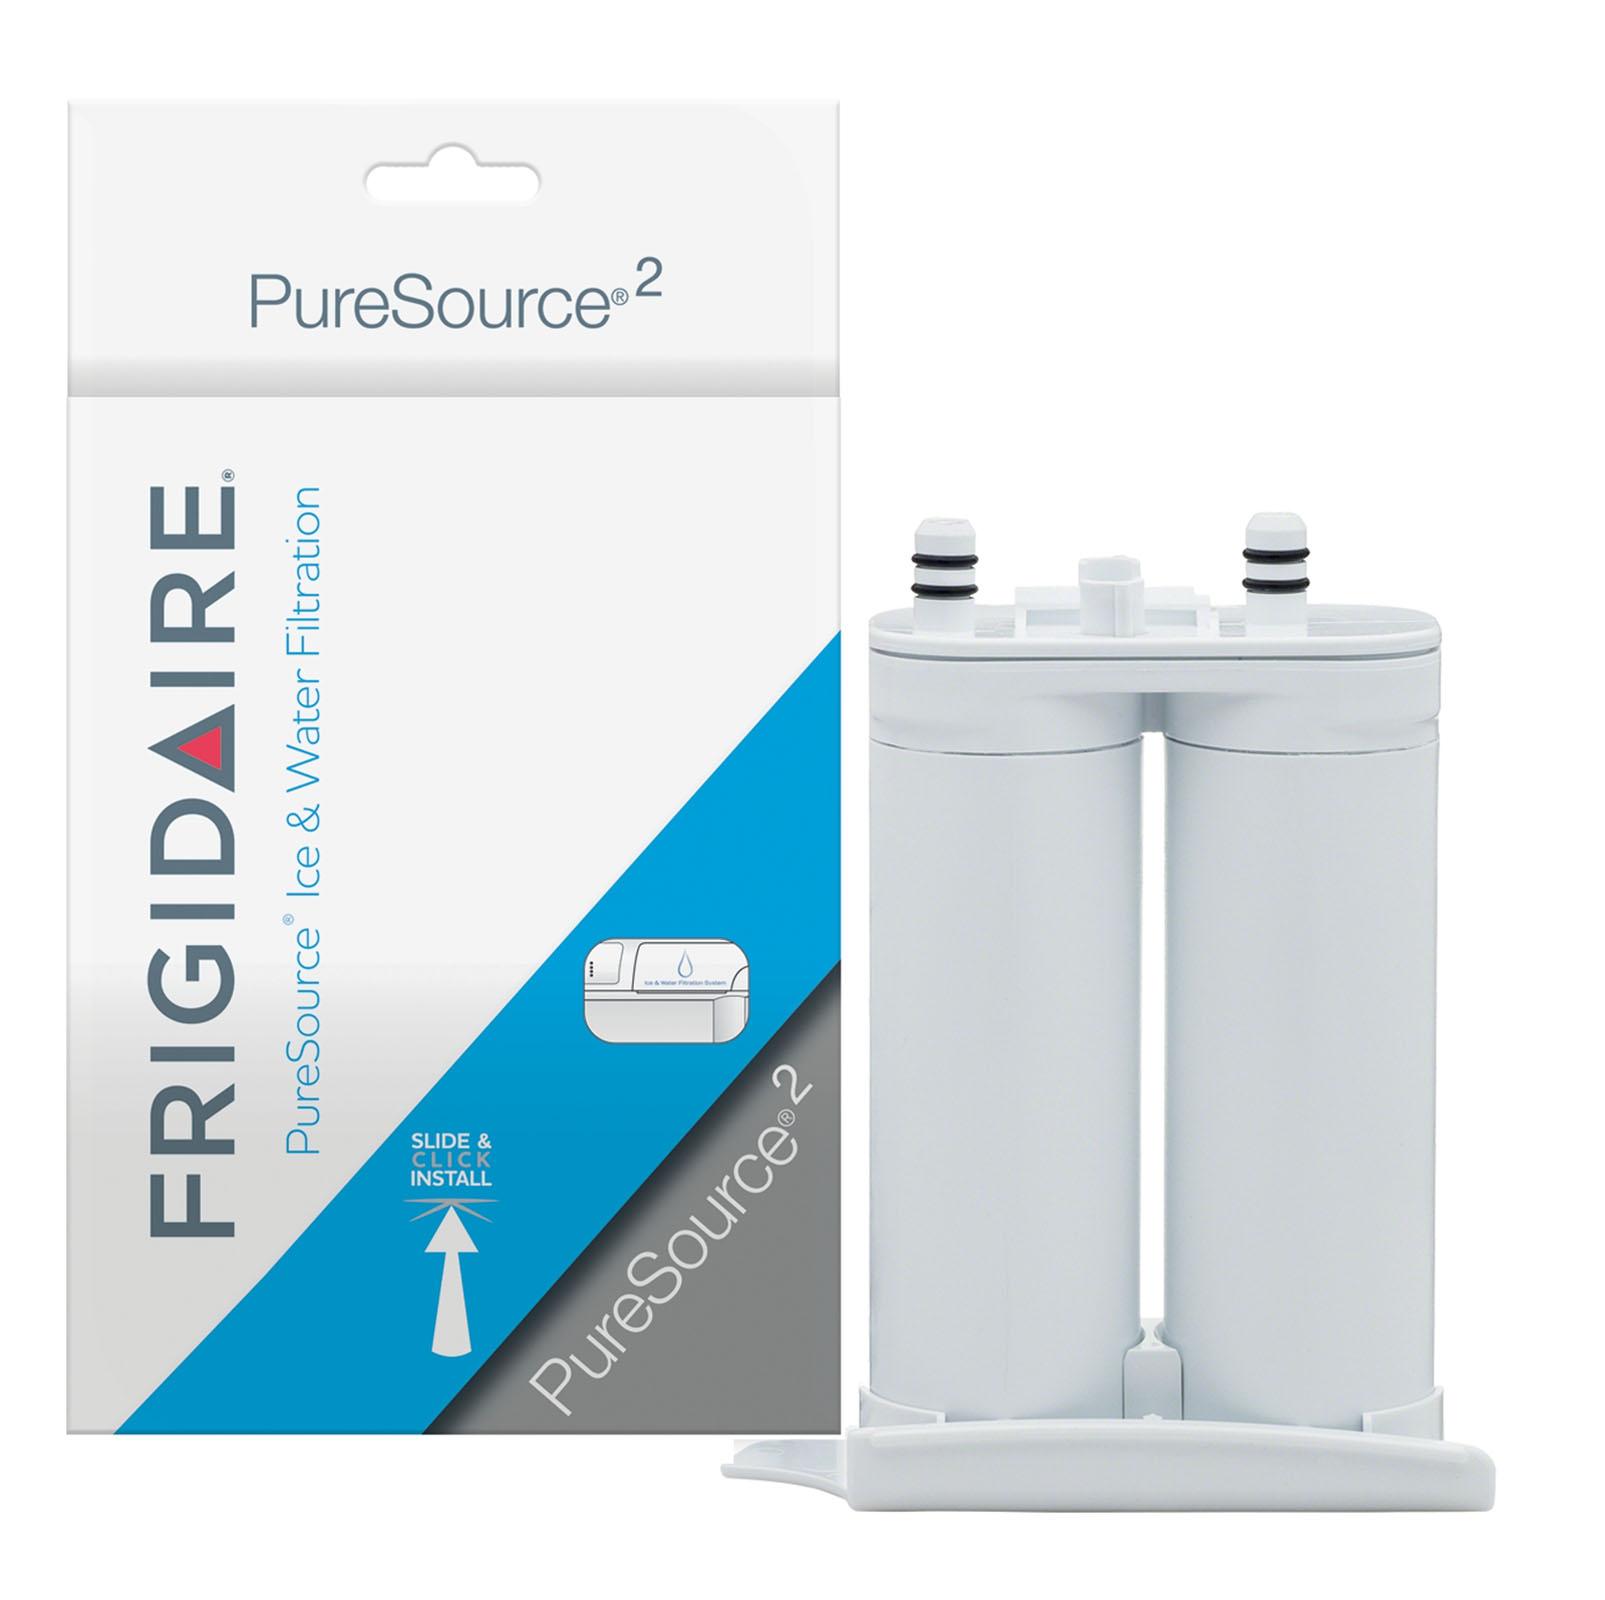 Frigidaire WF2CB PureSource 2 Water Filter, im test